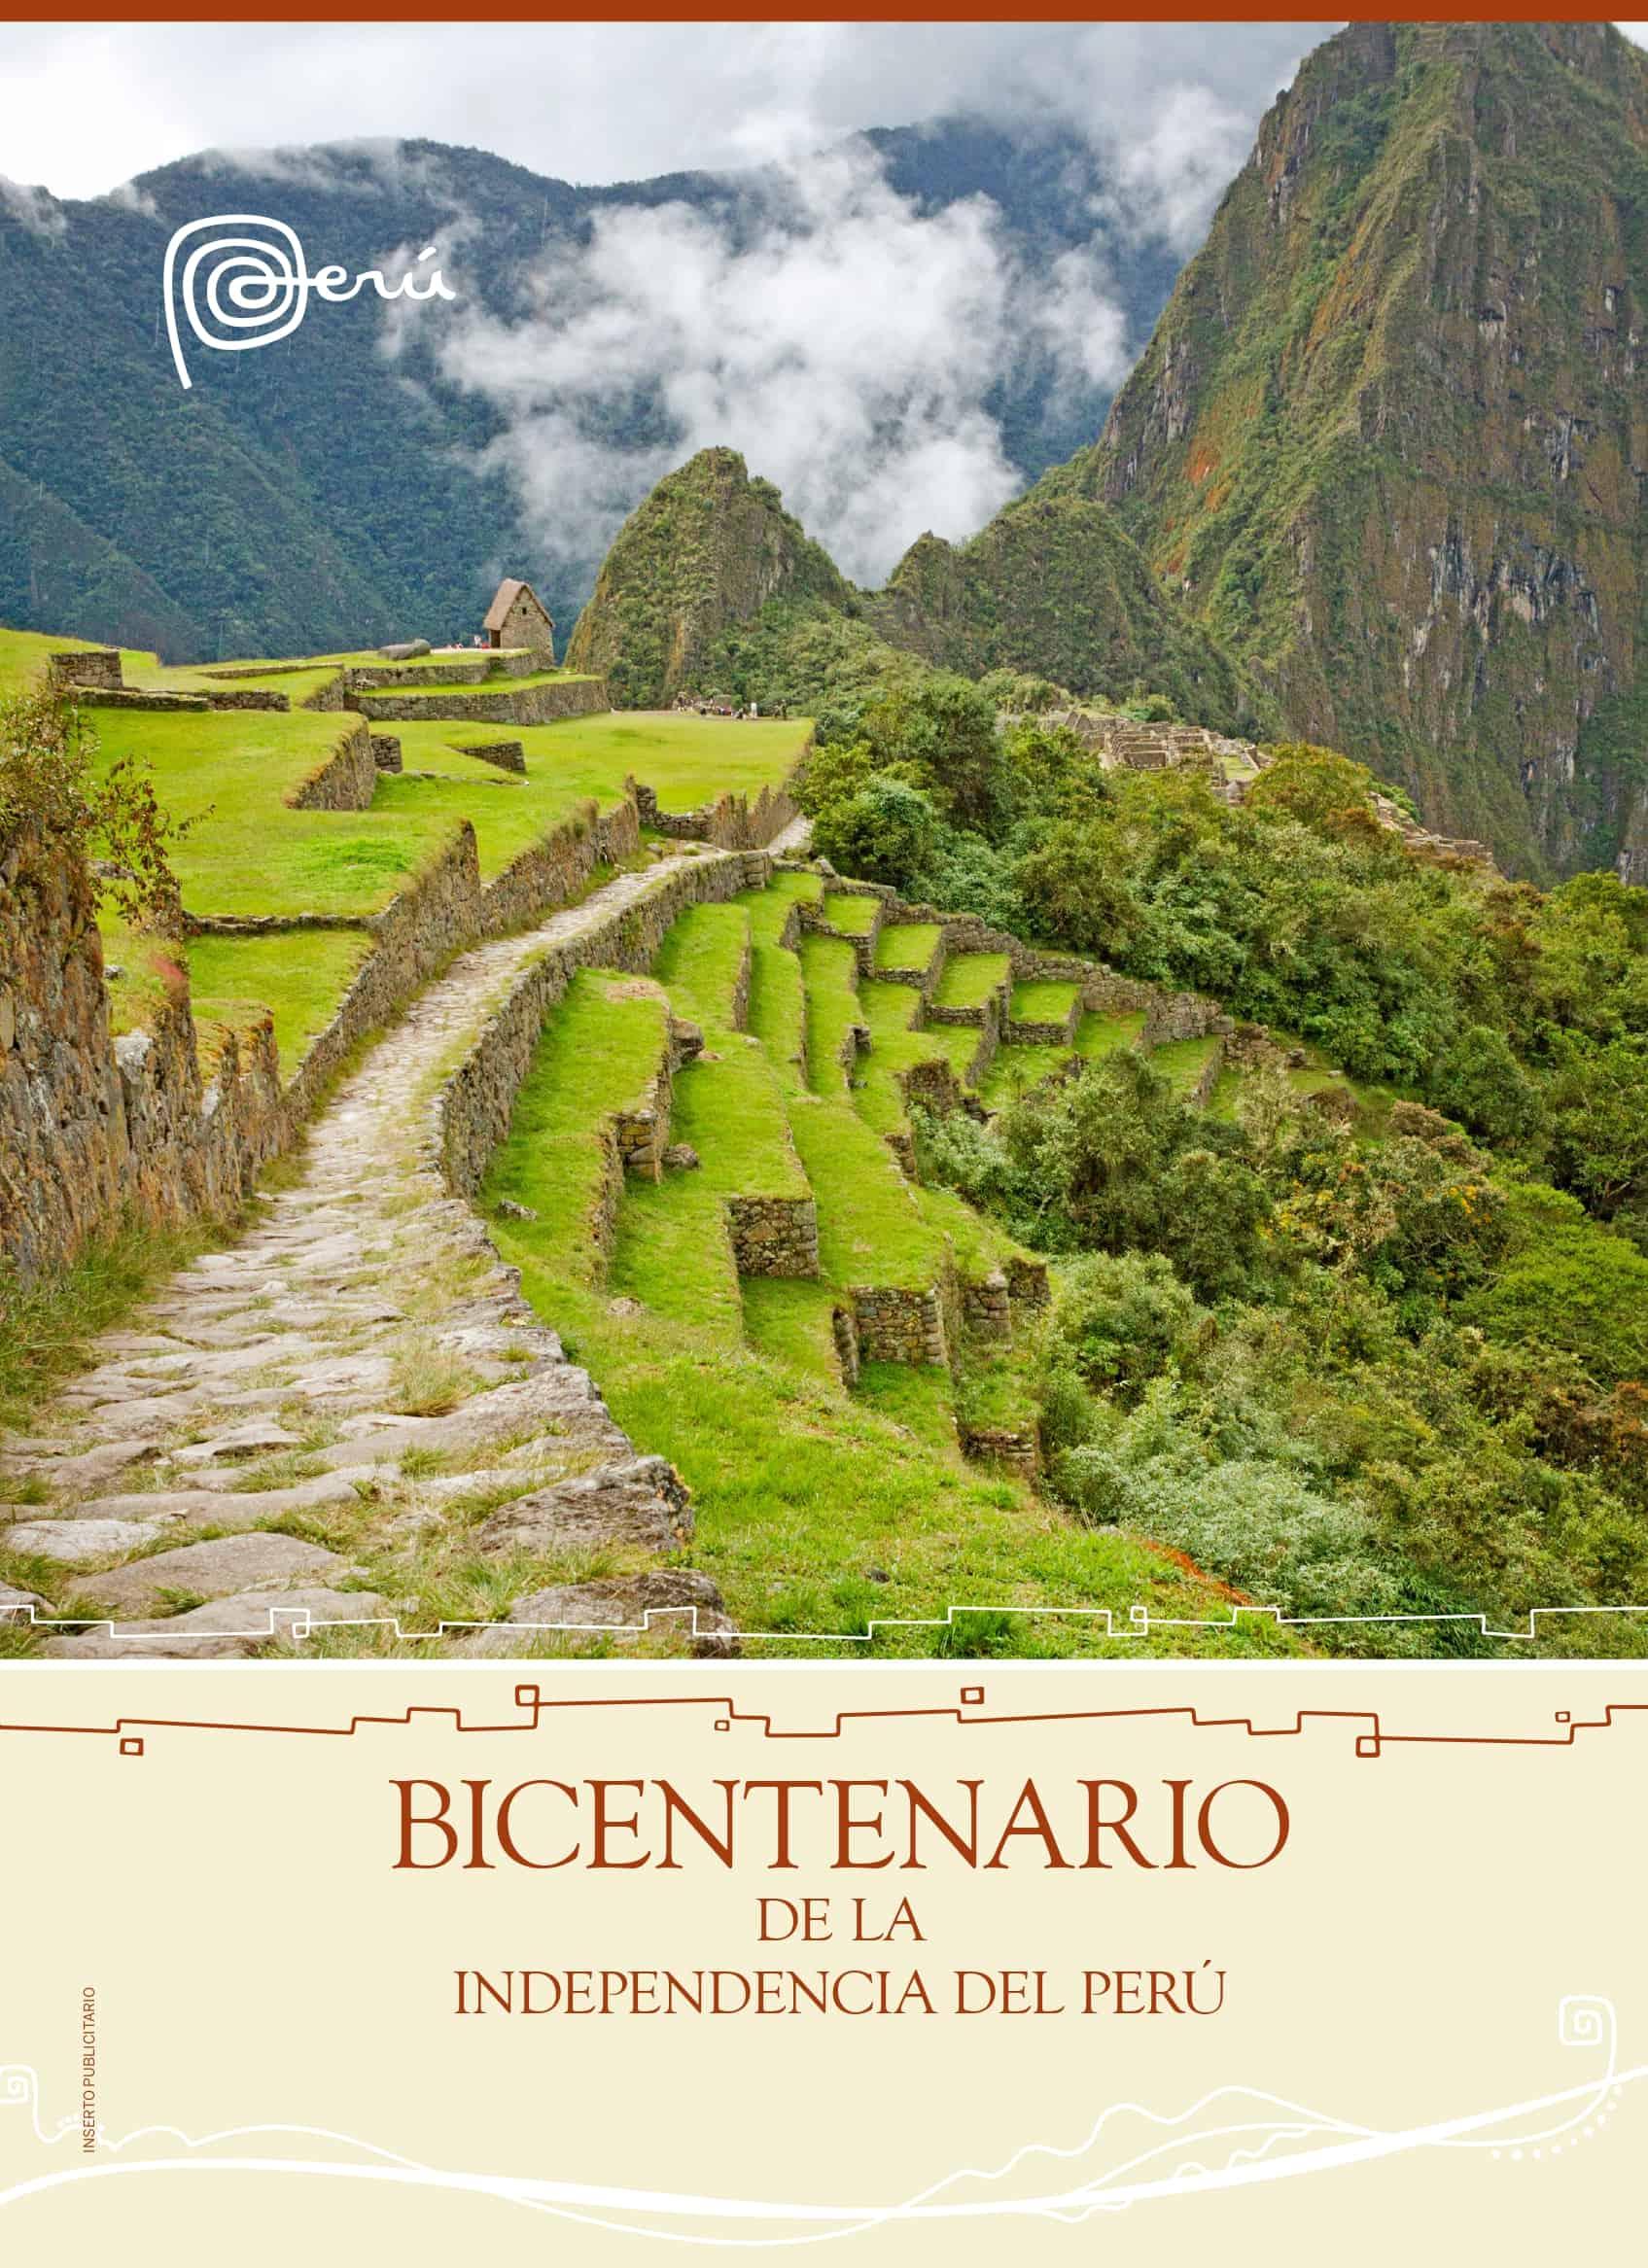 REVISTA Bicentenario Perú 1821 - 2021_page-0001